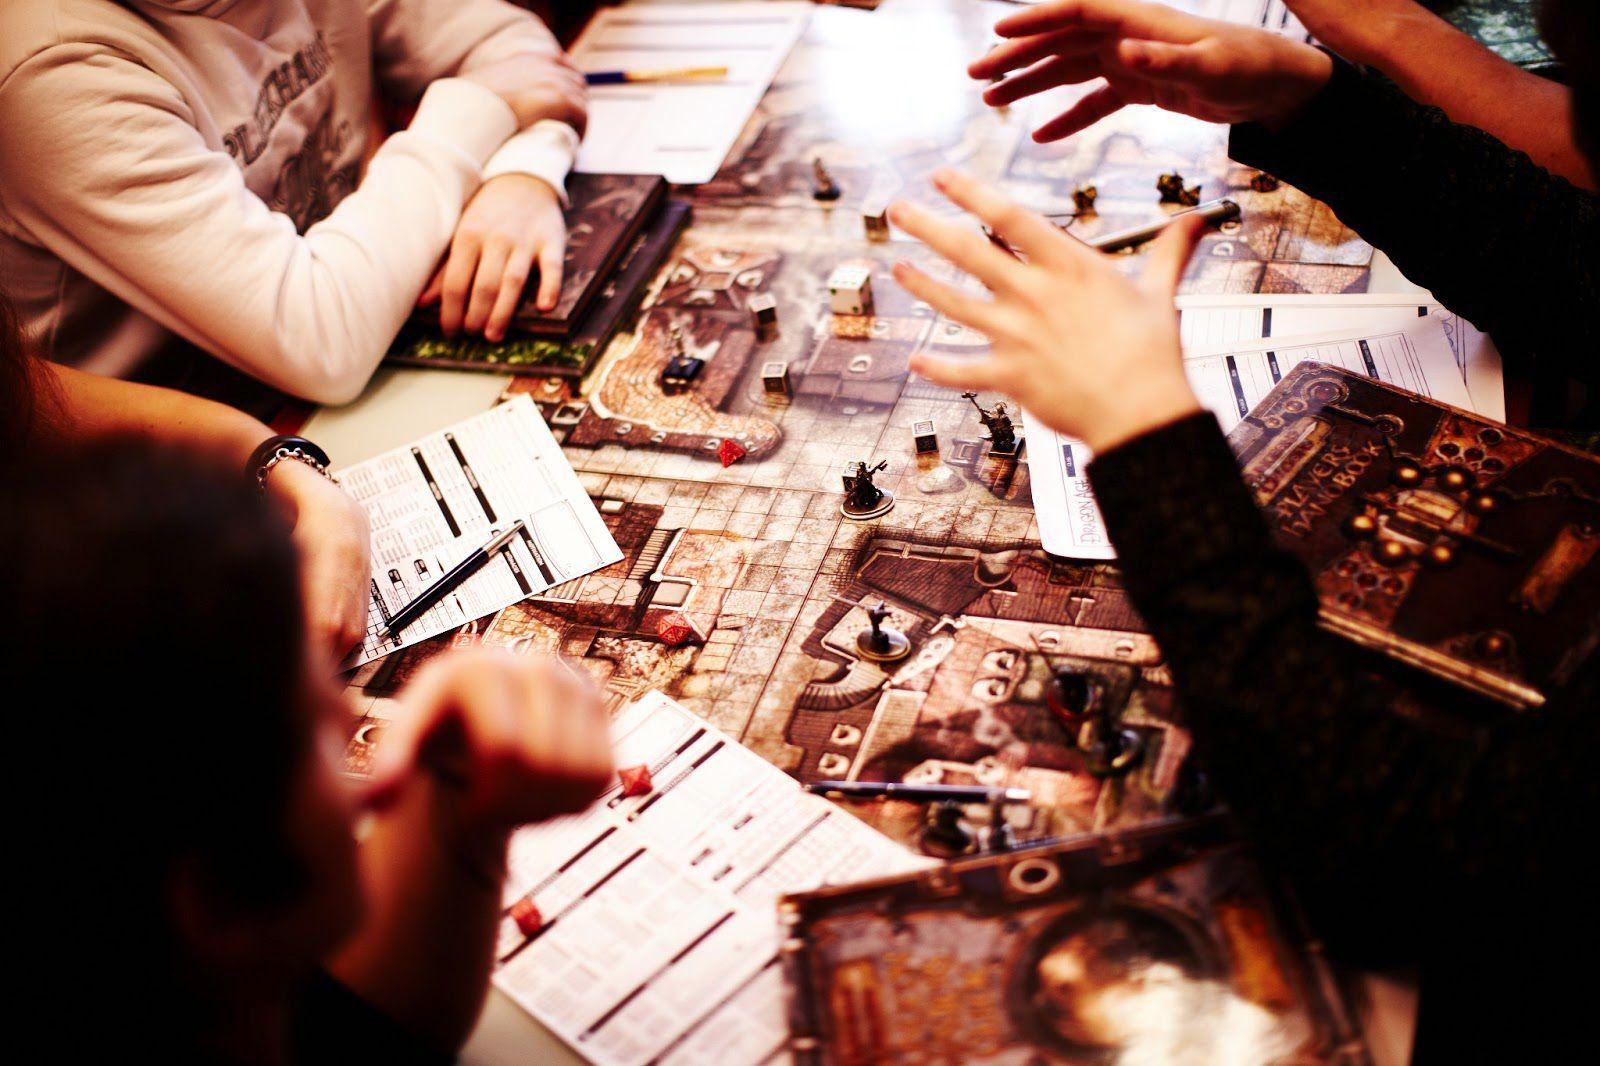 Сексуальные игры в нашей жизни 4 фотография